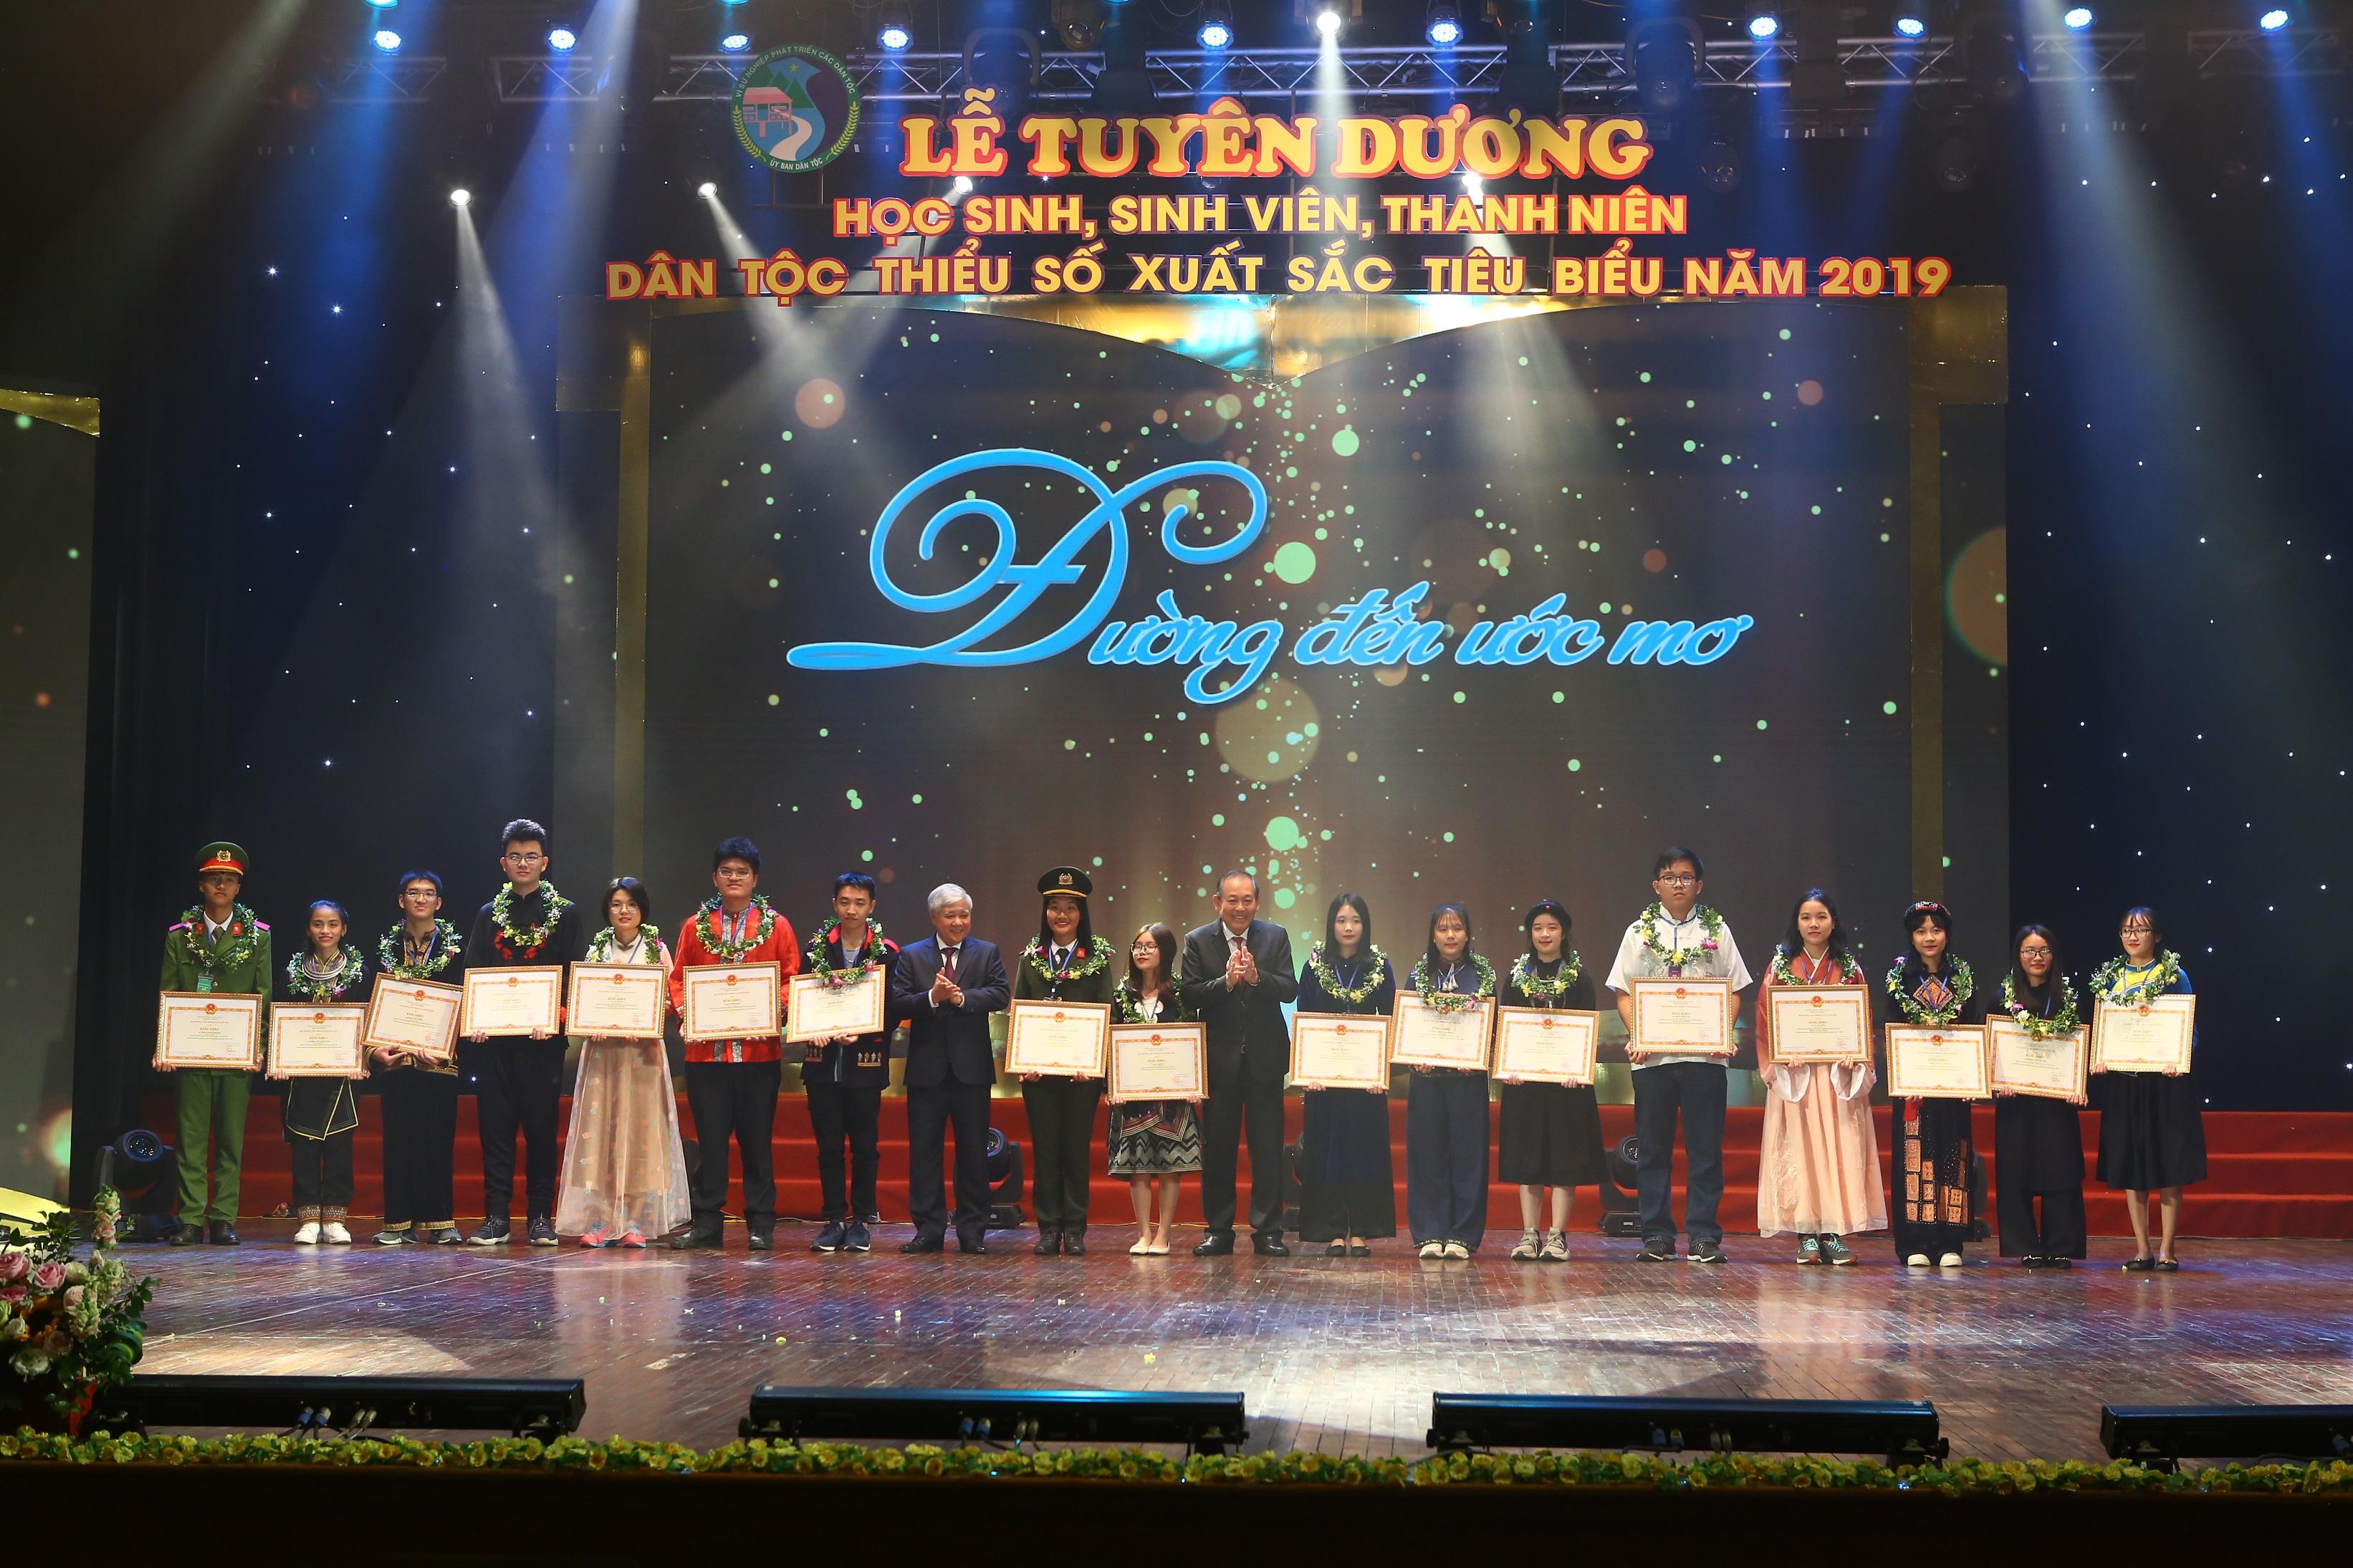 Phó Thủ tướng Thường trực Trương Hòa Bình và Bộ trưởng, Chủ nhiệm UBDT Đỗ Văn Chiến trao thưởng cho các học sinh đạt giải Nhất, Nhì trong kỳ thi học sinh giỏi quốc gia tại Lễ tuyên dương năm 2019